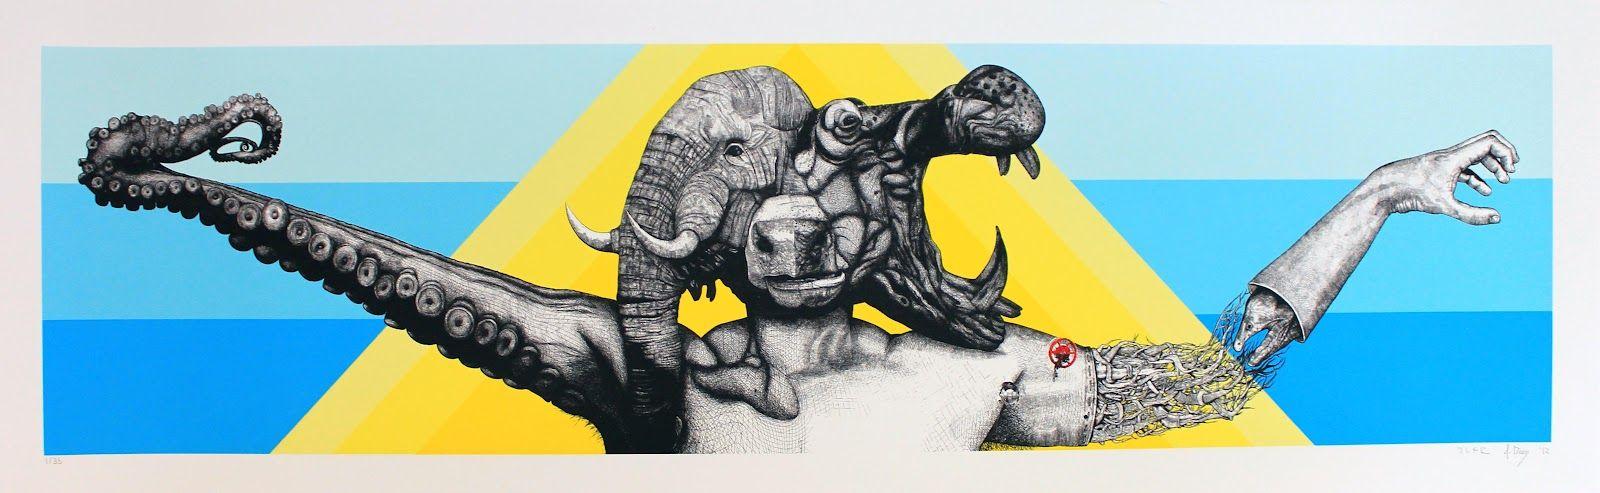 Œuvre Par Juan Fernandez, Alexis Diaz à Miami